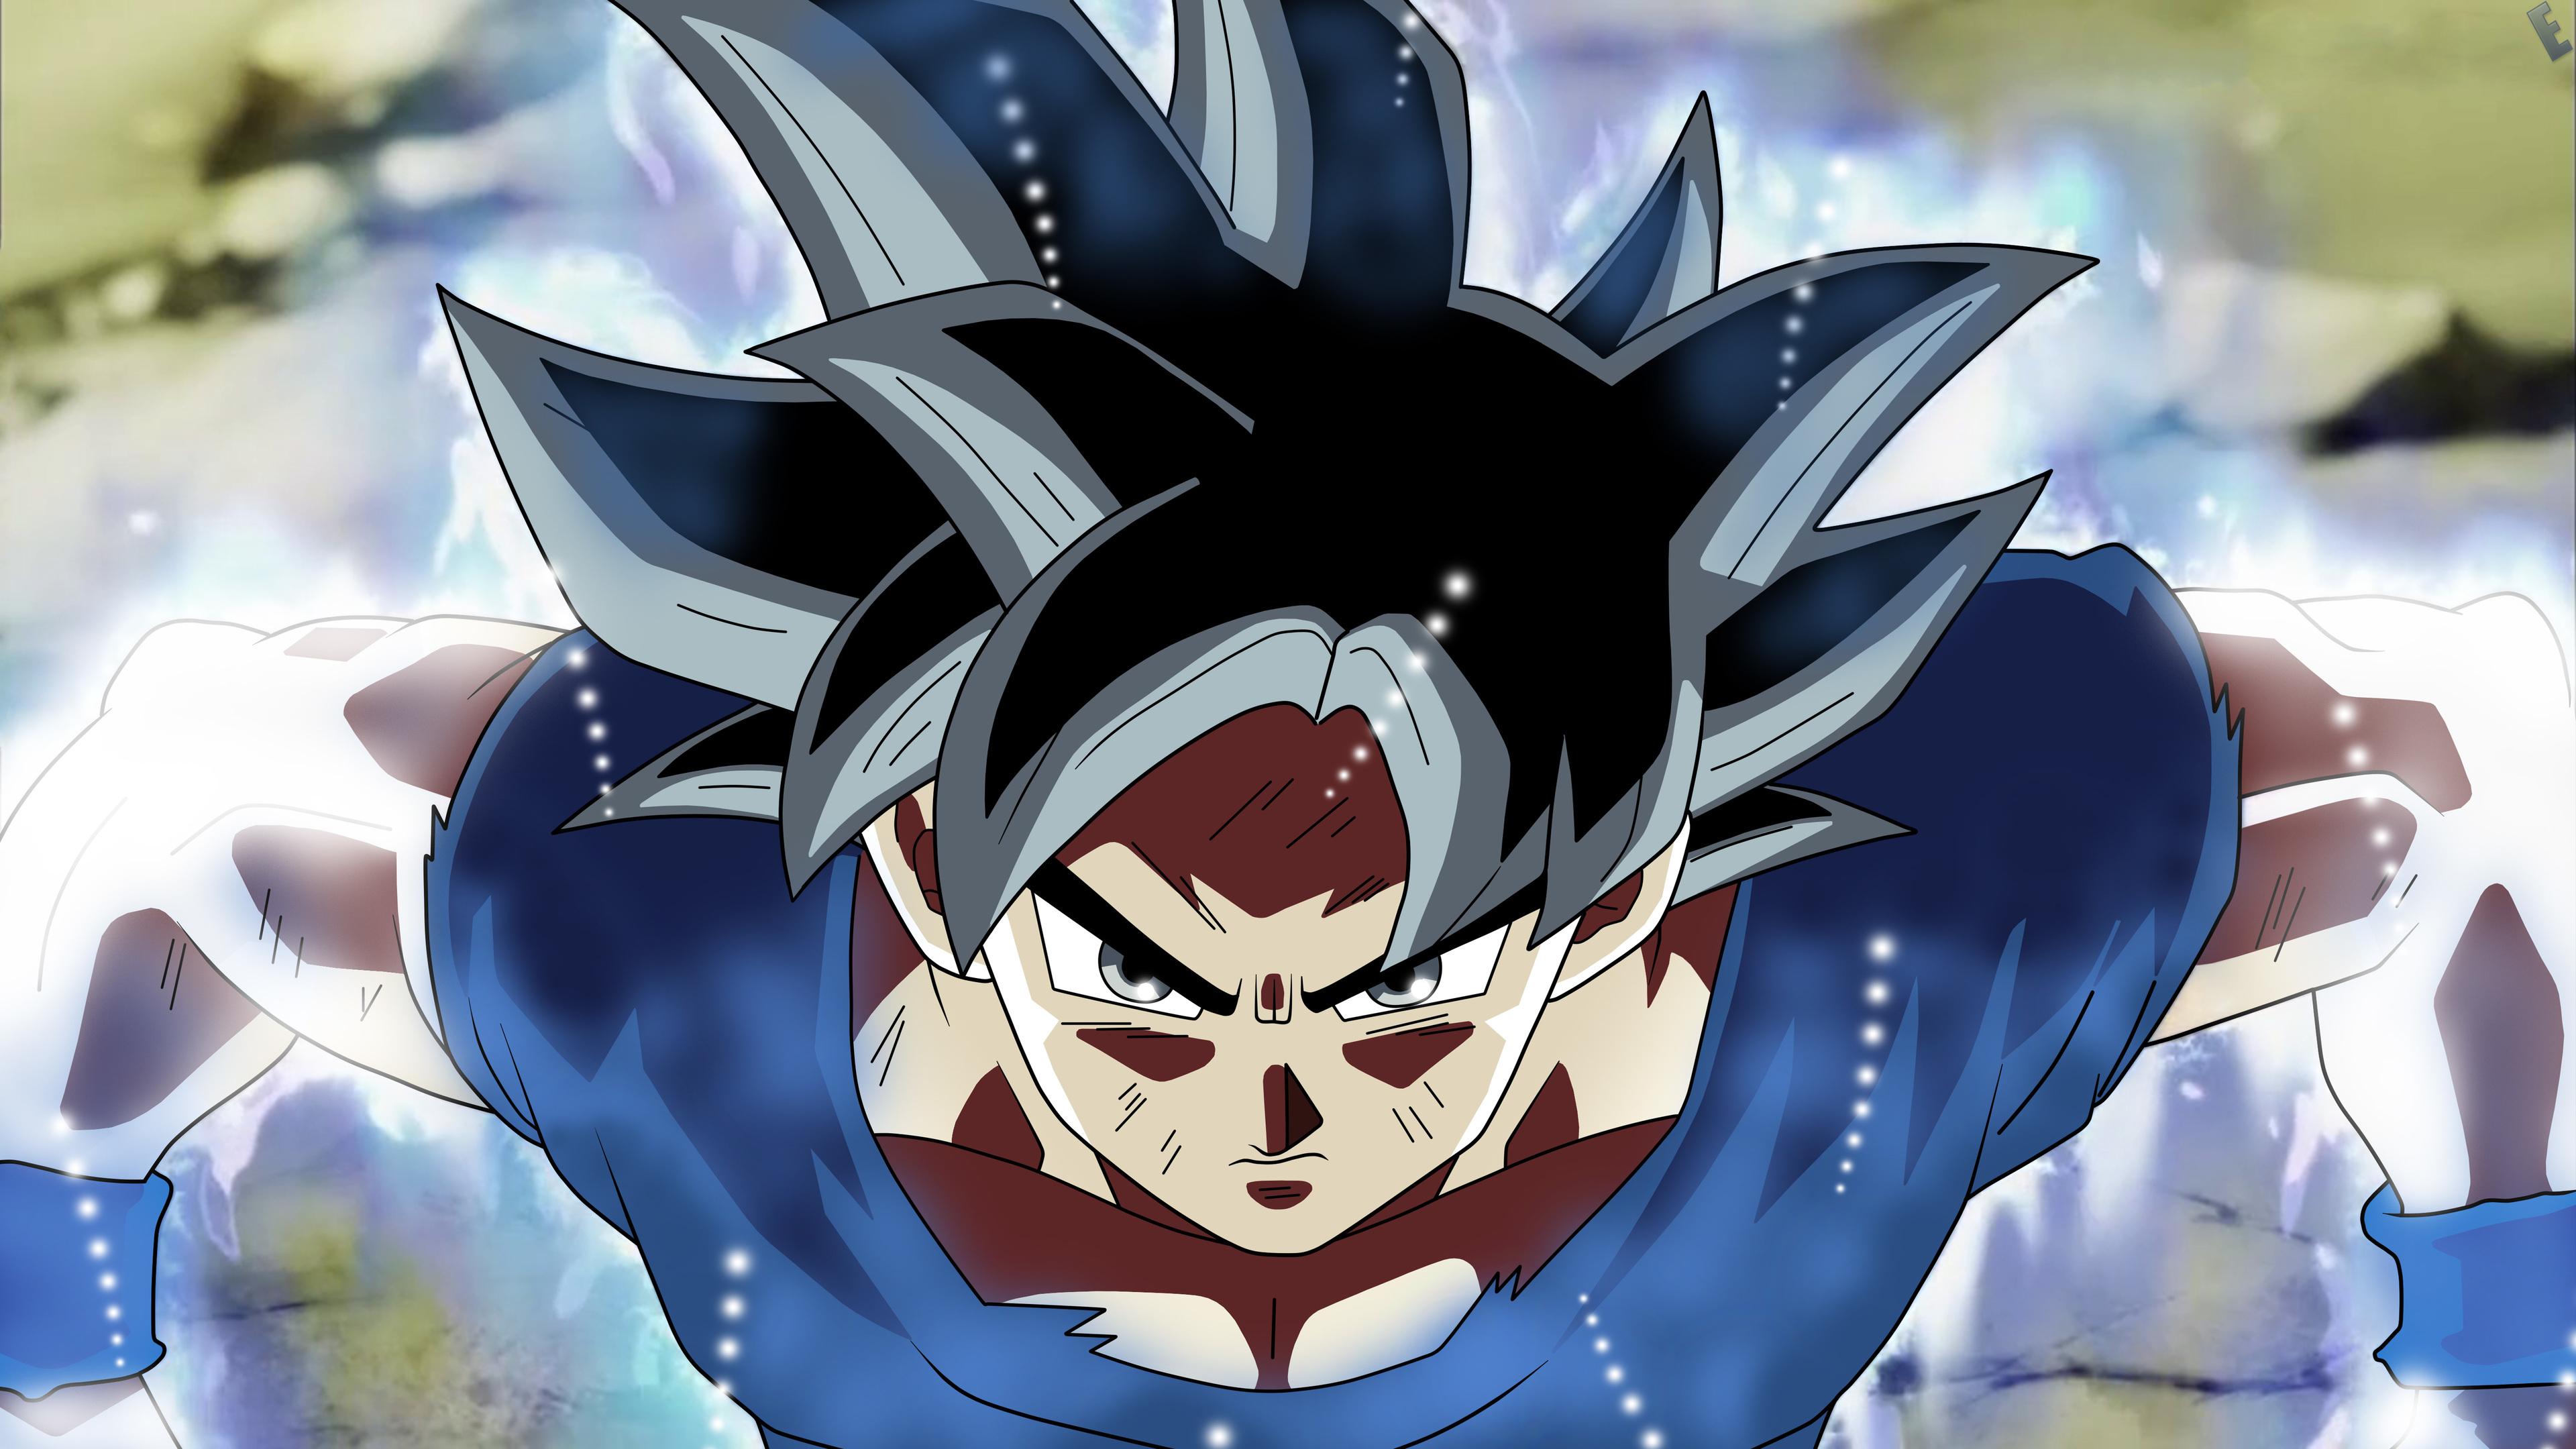 goku dragon ball super anime 5k 1541973777 - Goku Dragon Ball Super Anime 5k - hd-wallpapers, goku wallpapers, dragon ball wallpapers, dragon ball super wallpapers, digital art wallpapers, artwork wallpapers, artist wallpapers, anime wallpapers, 5k wallpapers, 4k-wallpapers